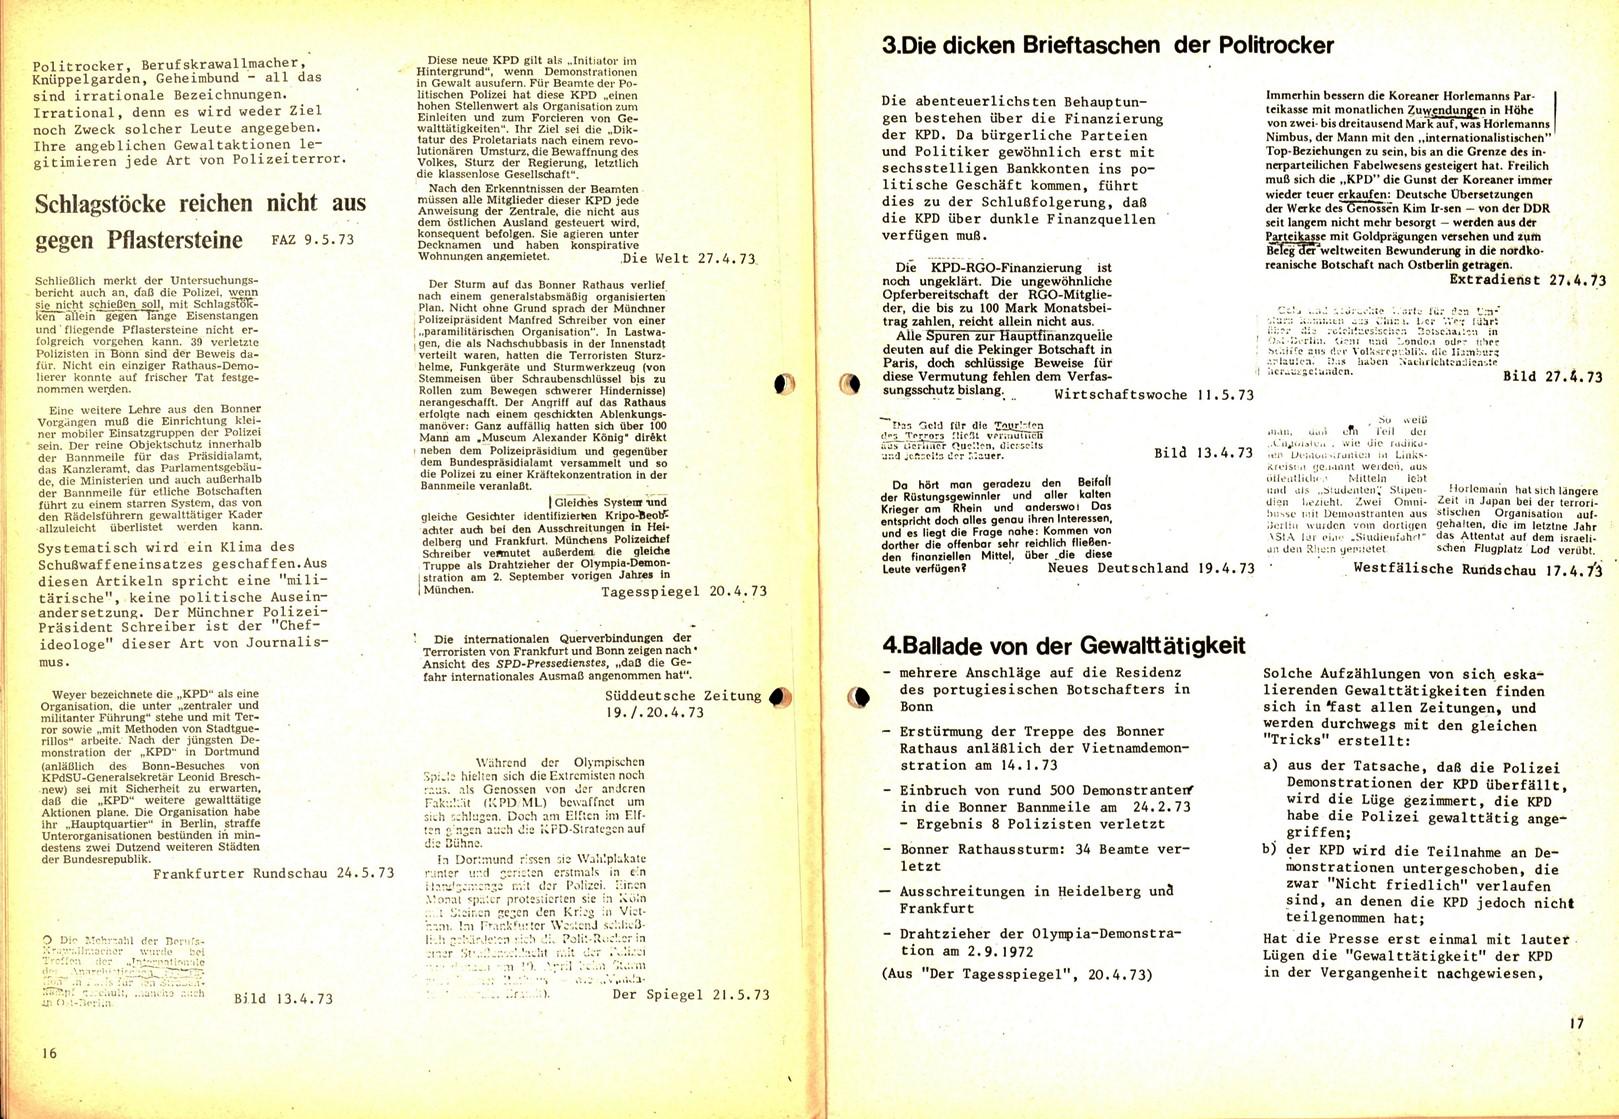 Komitee_Haende_weg_von_der_KPD_1973_Polizeijournalismus_09